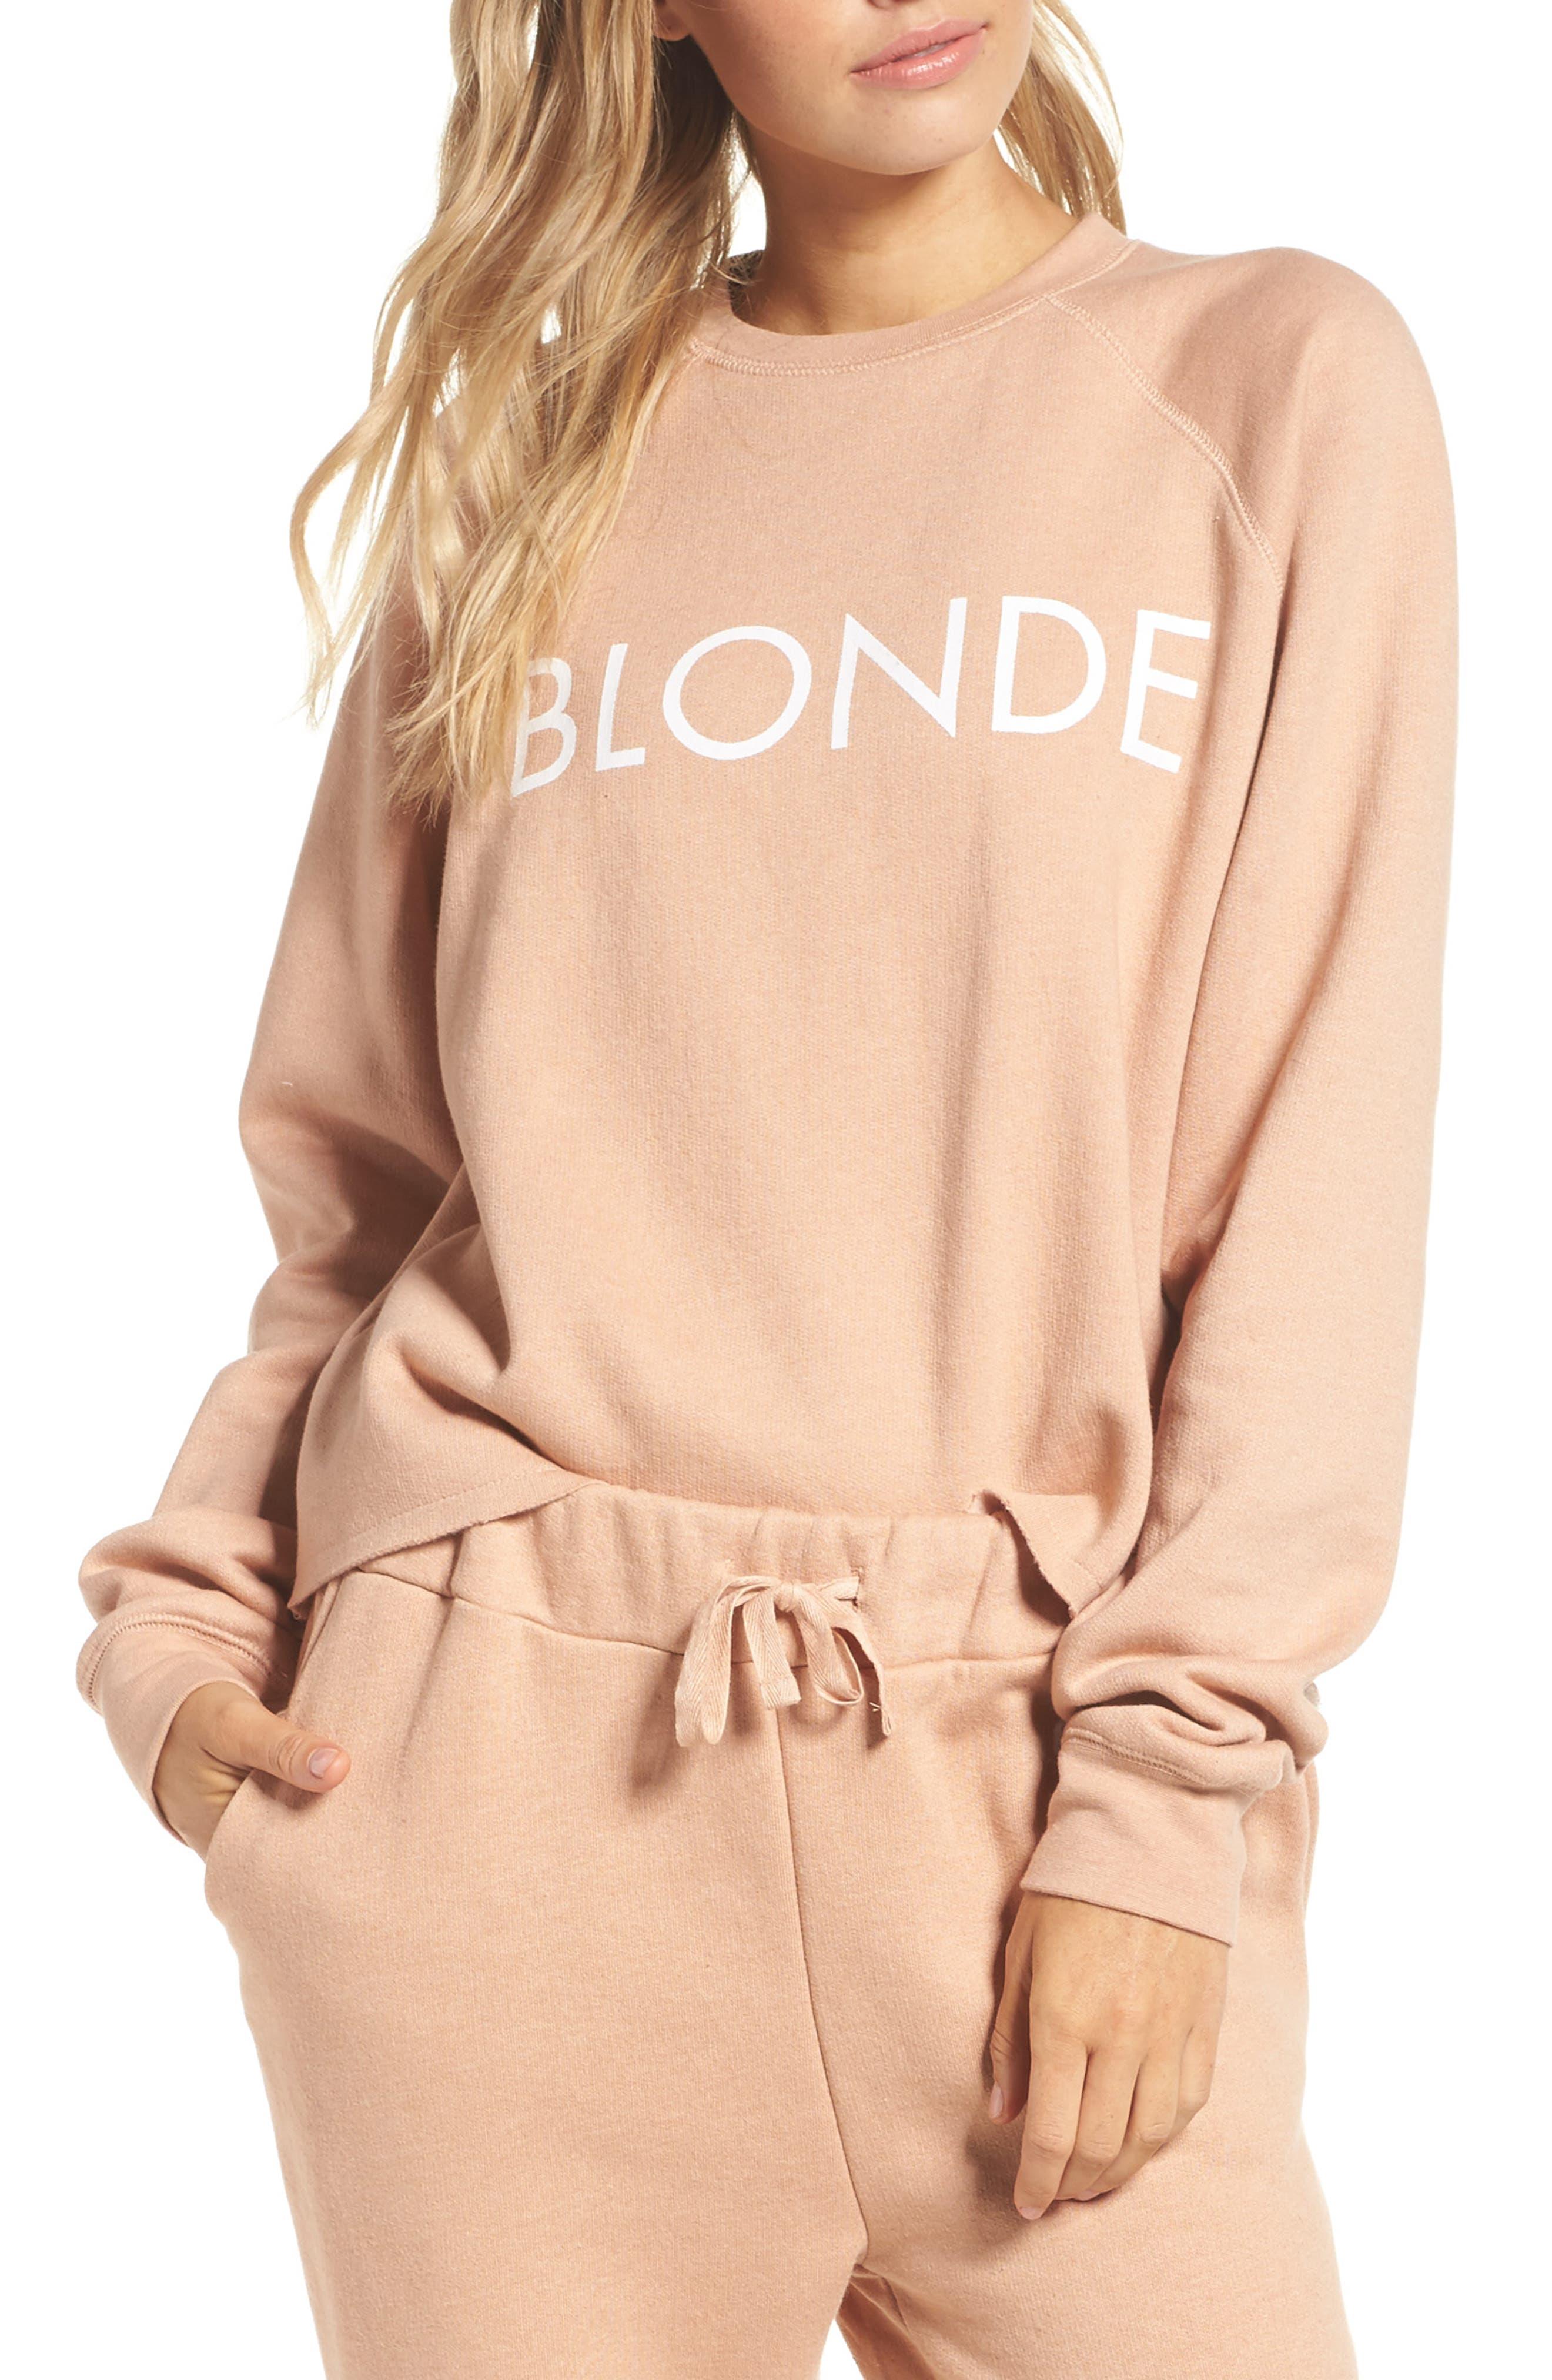 BRUNETTE the Label Middle Sister Blonde Sweatshirt